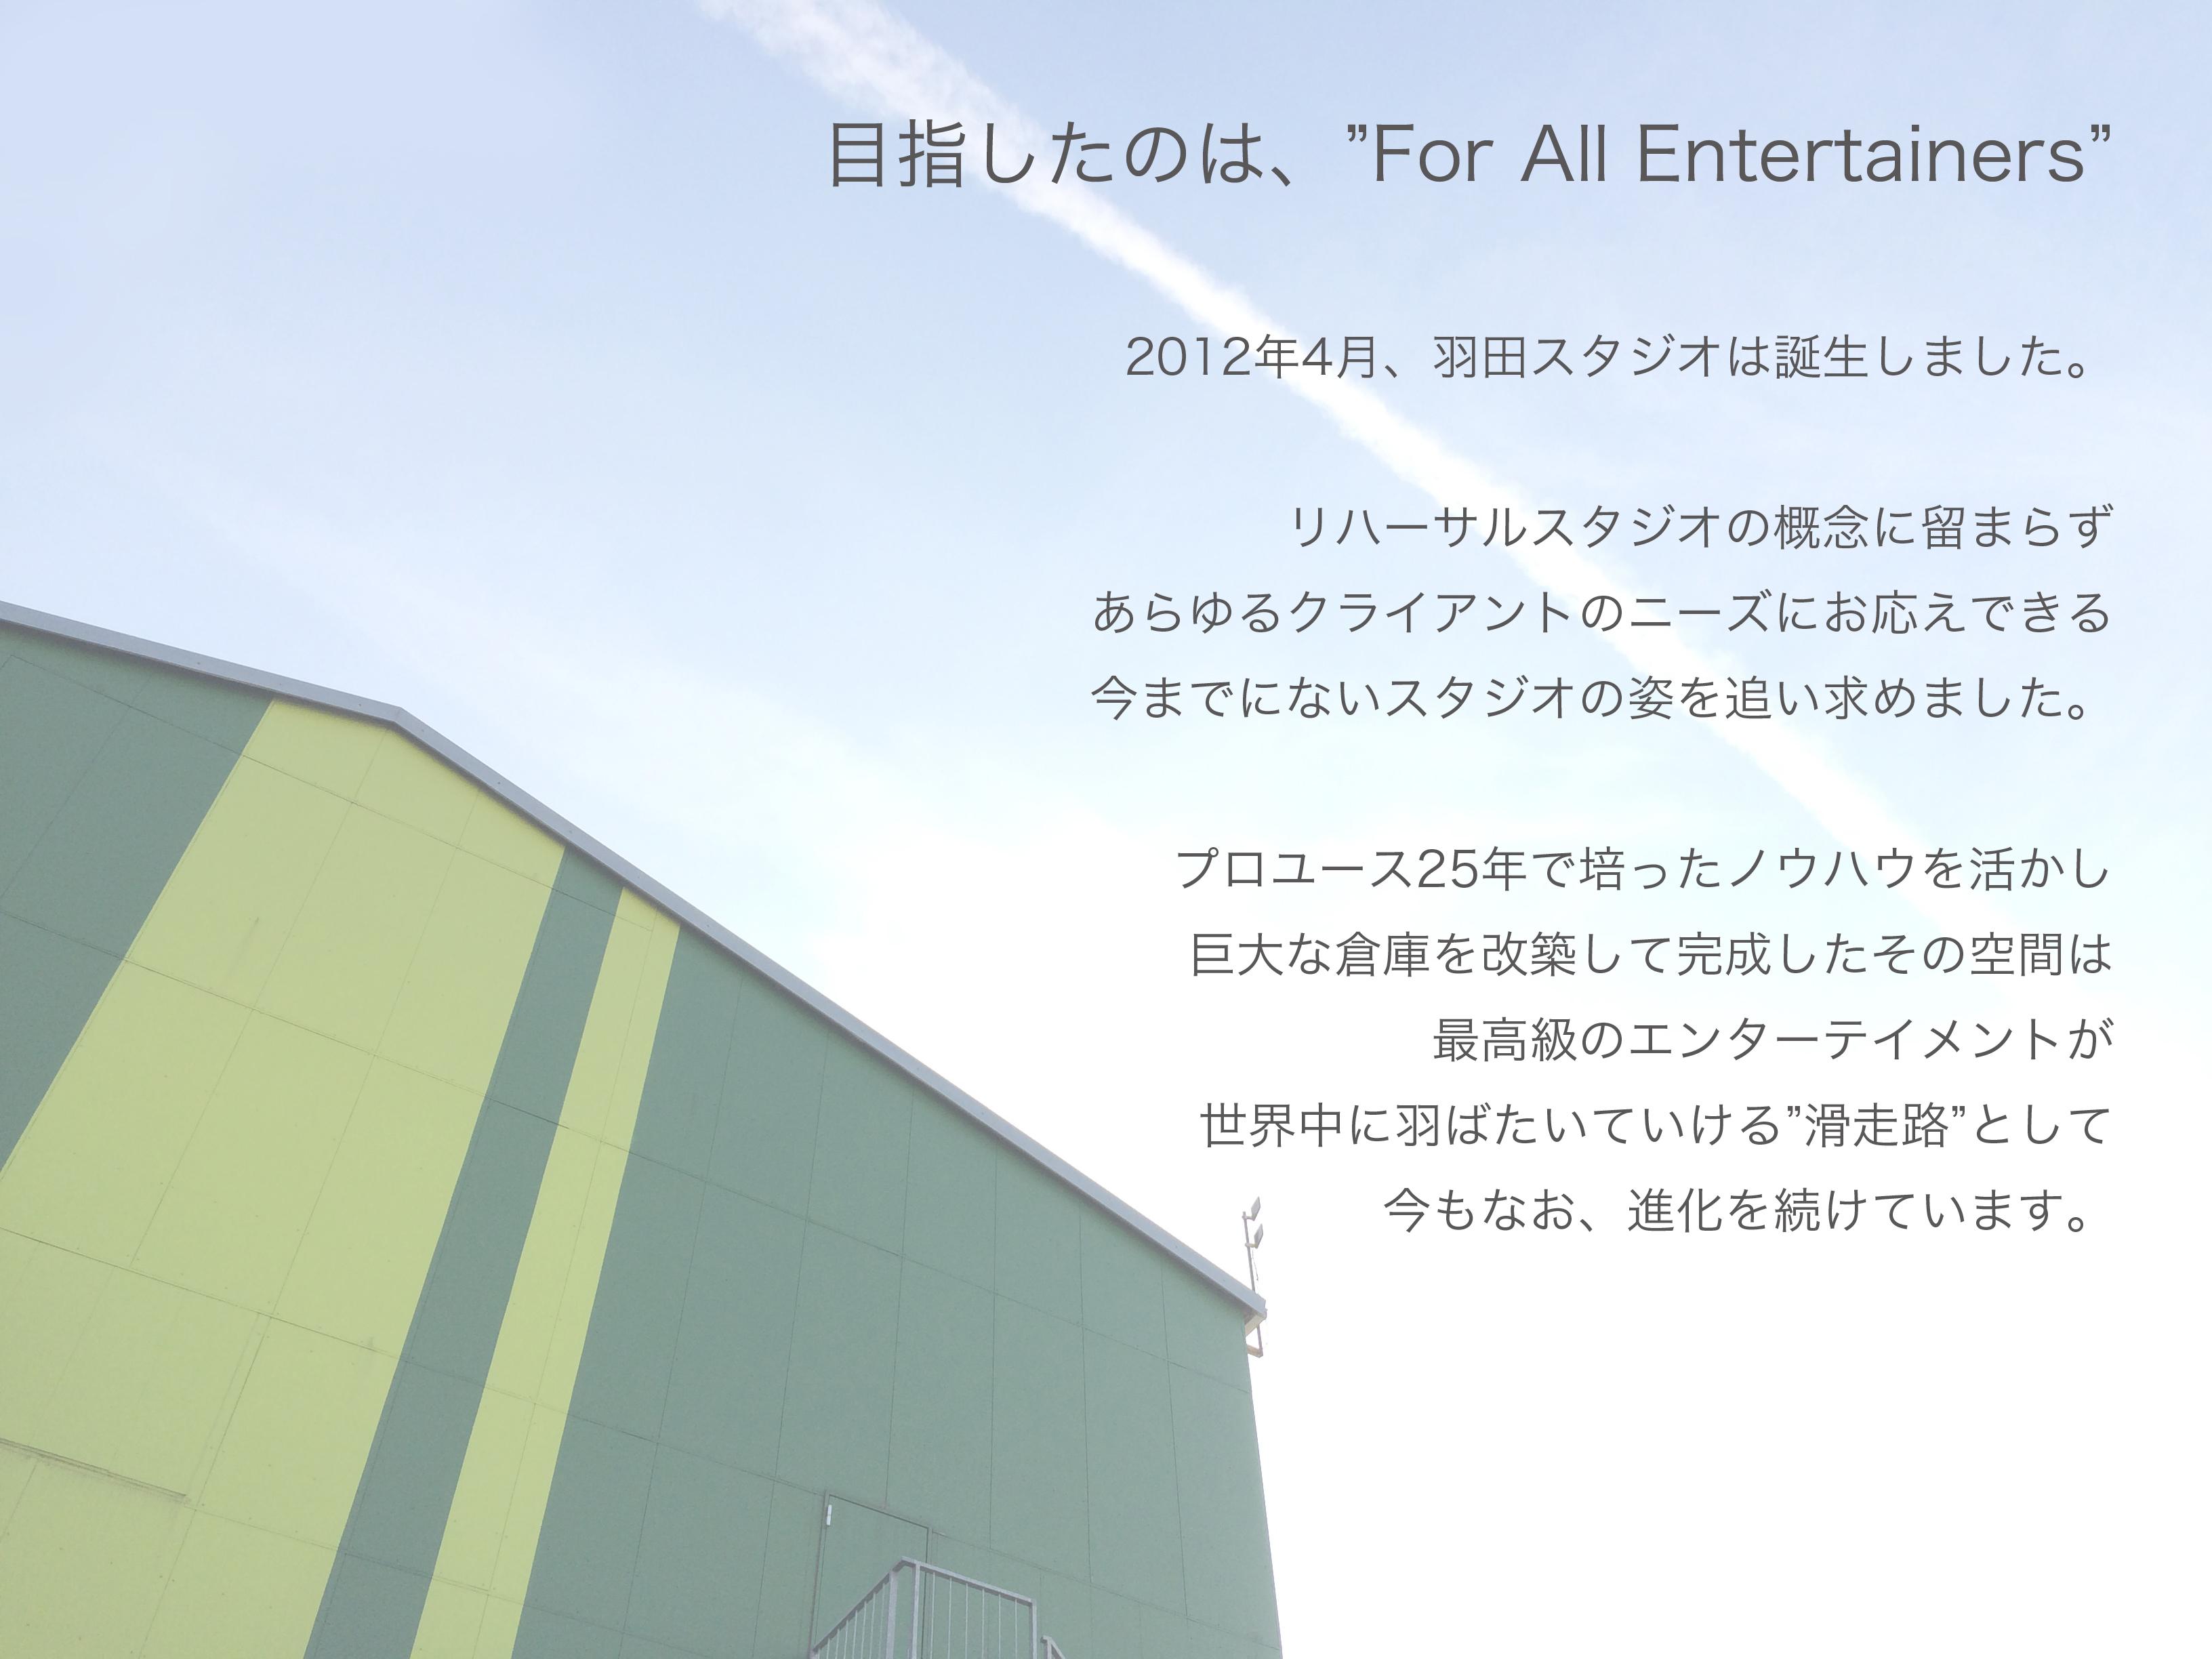 """目指したのは、""""For All Entertainers。2012年4月、羽田スタジオは誕生しました。リハーサルスタジオの概念に留まらず、あらゆるクライアントのニーズにお応えできる、今までにないスタジオの姿を追い求めました。プロユース25年で培ったノウハウを活かし、巨大な倉庫を改築して完成したその空間は、最高級のエンターテイメントが世界中に羽ばたいていける""""滑走路""""として今もなお、進化を続けています。"""